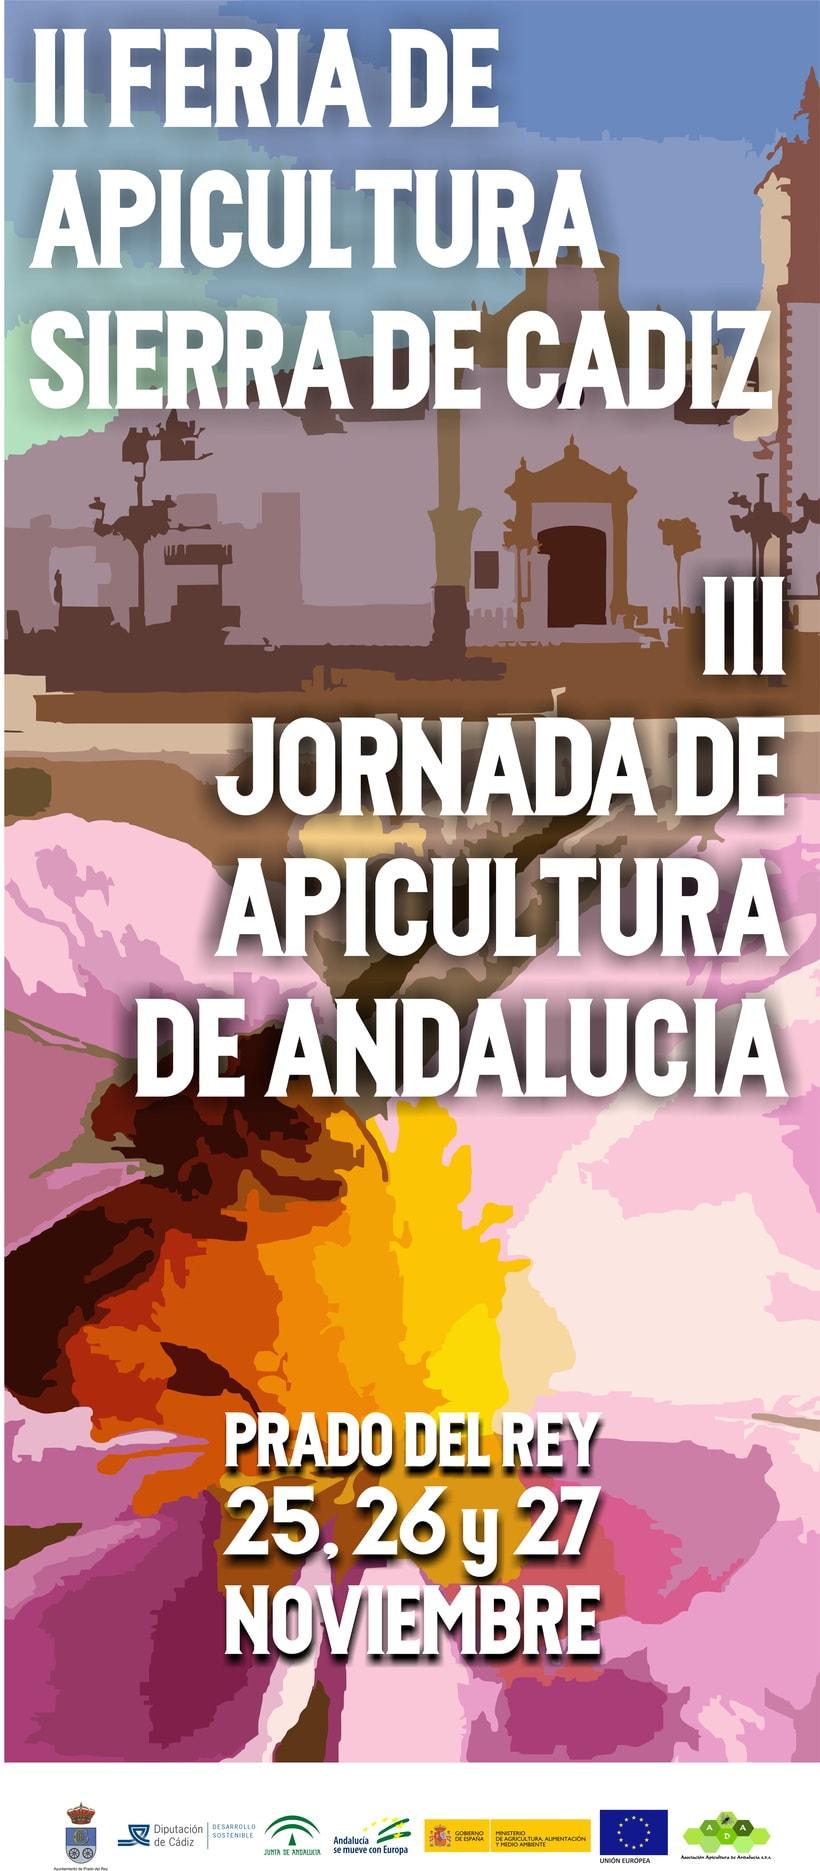 FAMILIA DE PRODUCTOS PARA FERIA DE APICULTURA 2016 6